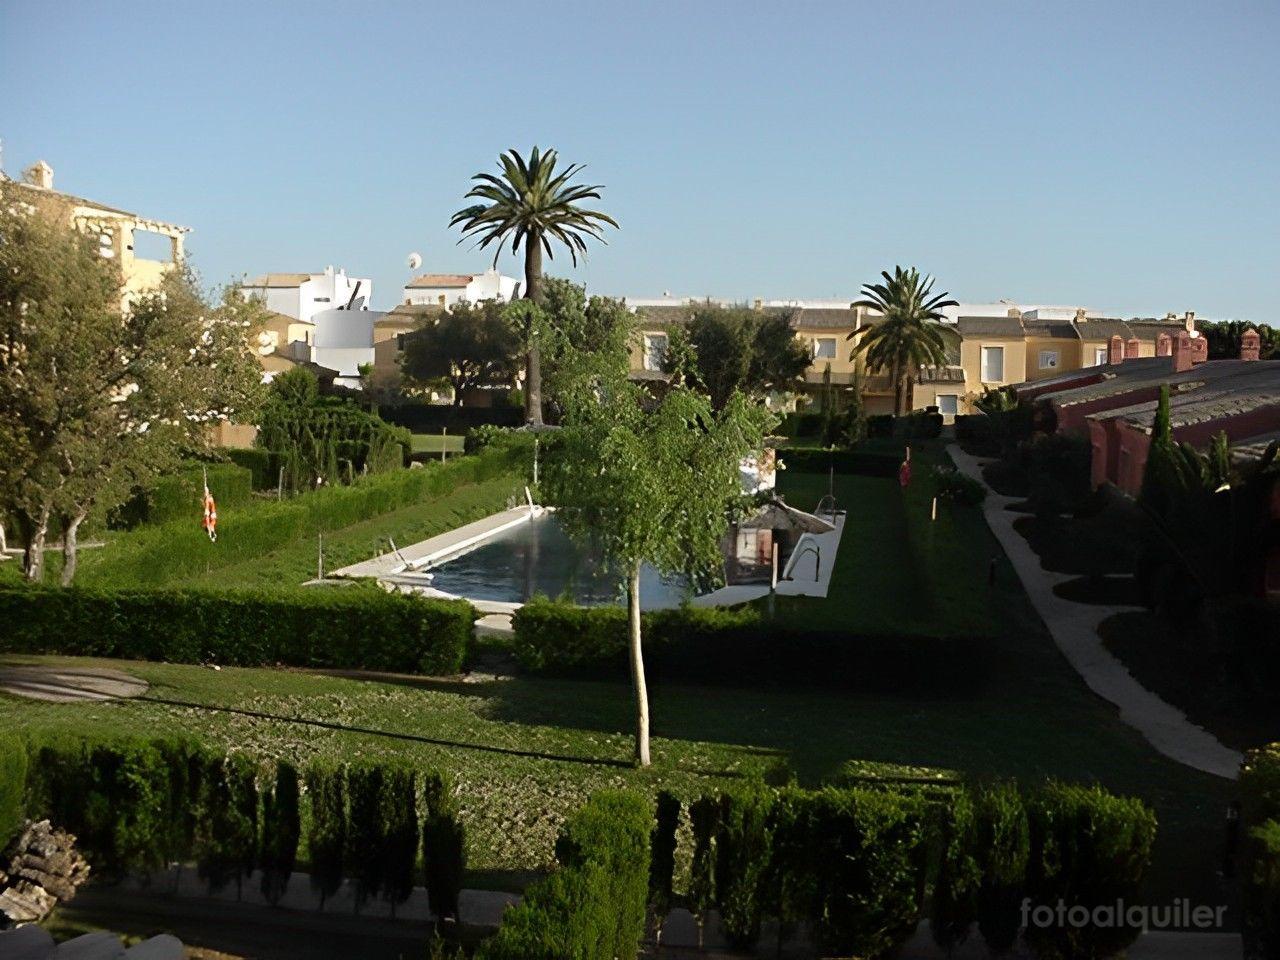 Alquiler de chalet con jardín en Novo Sancti Petri, Chiclana de la Frontera